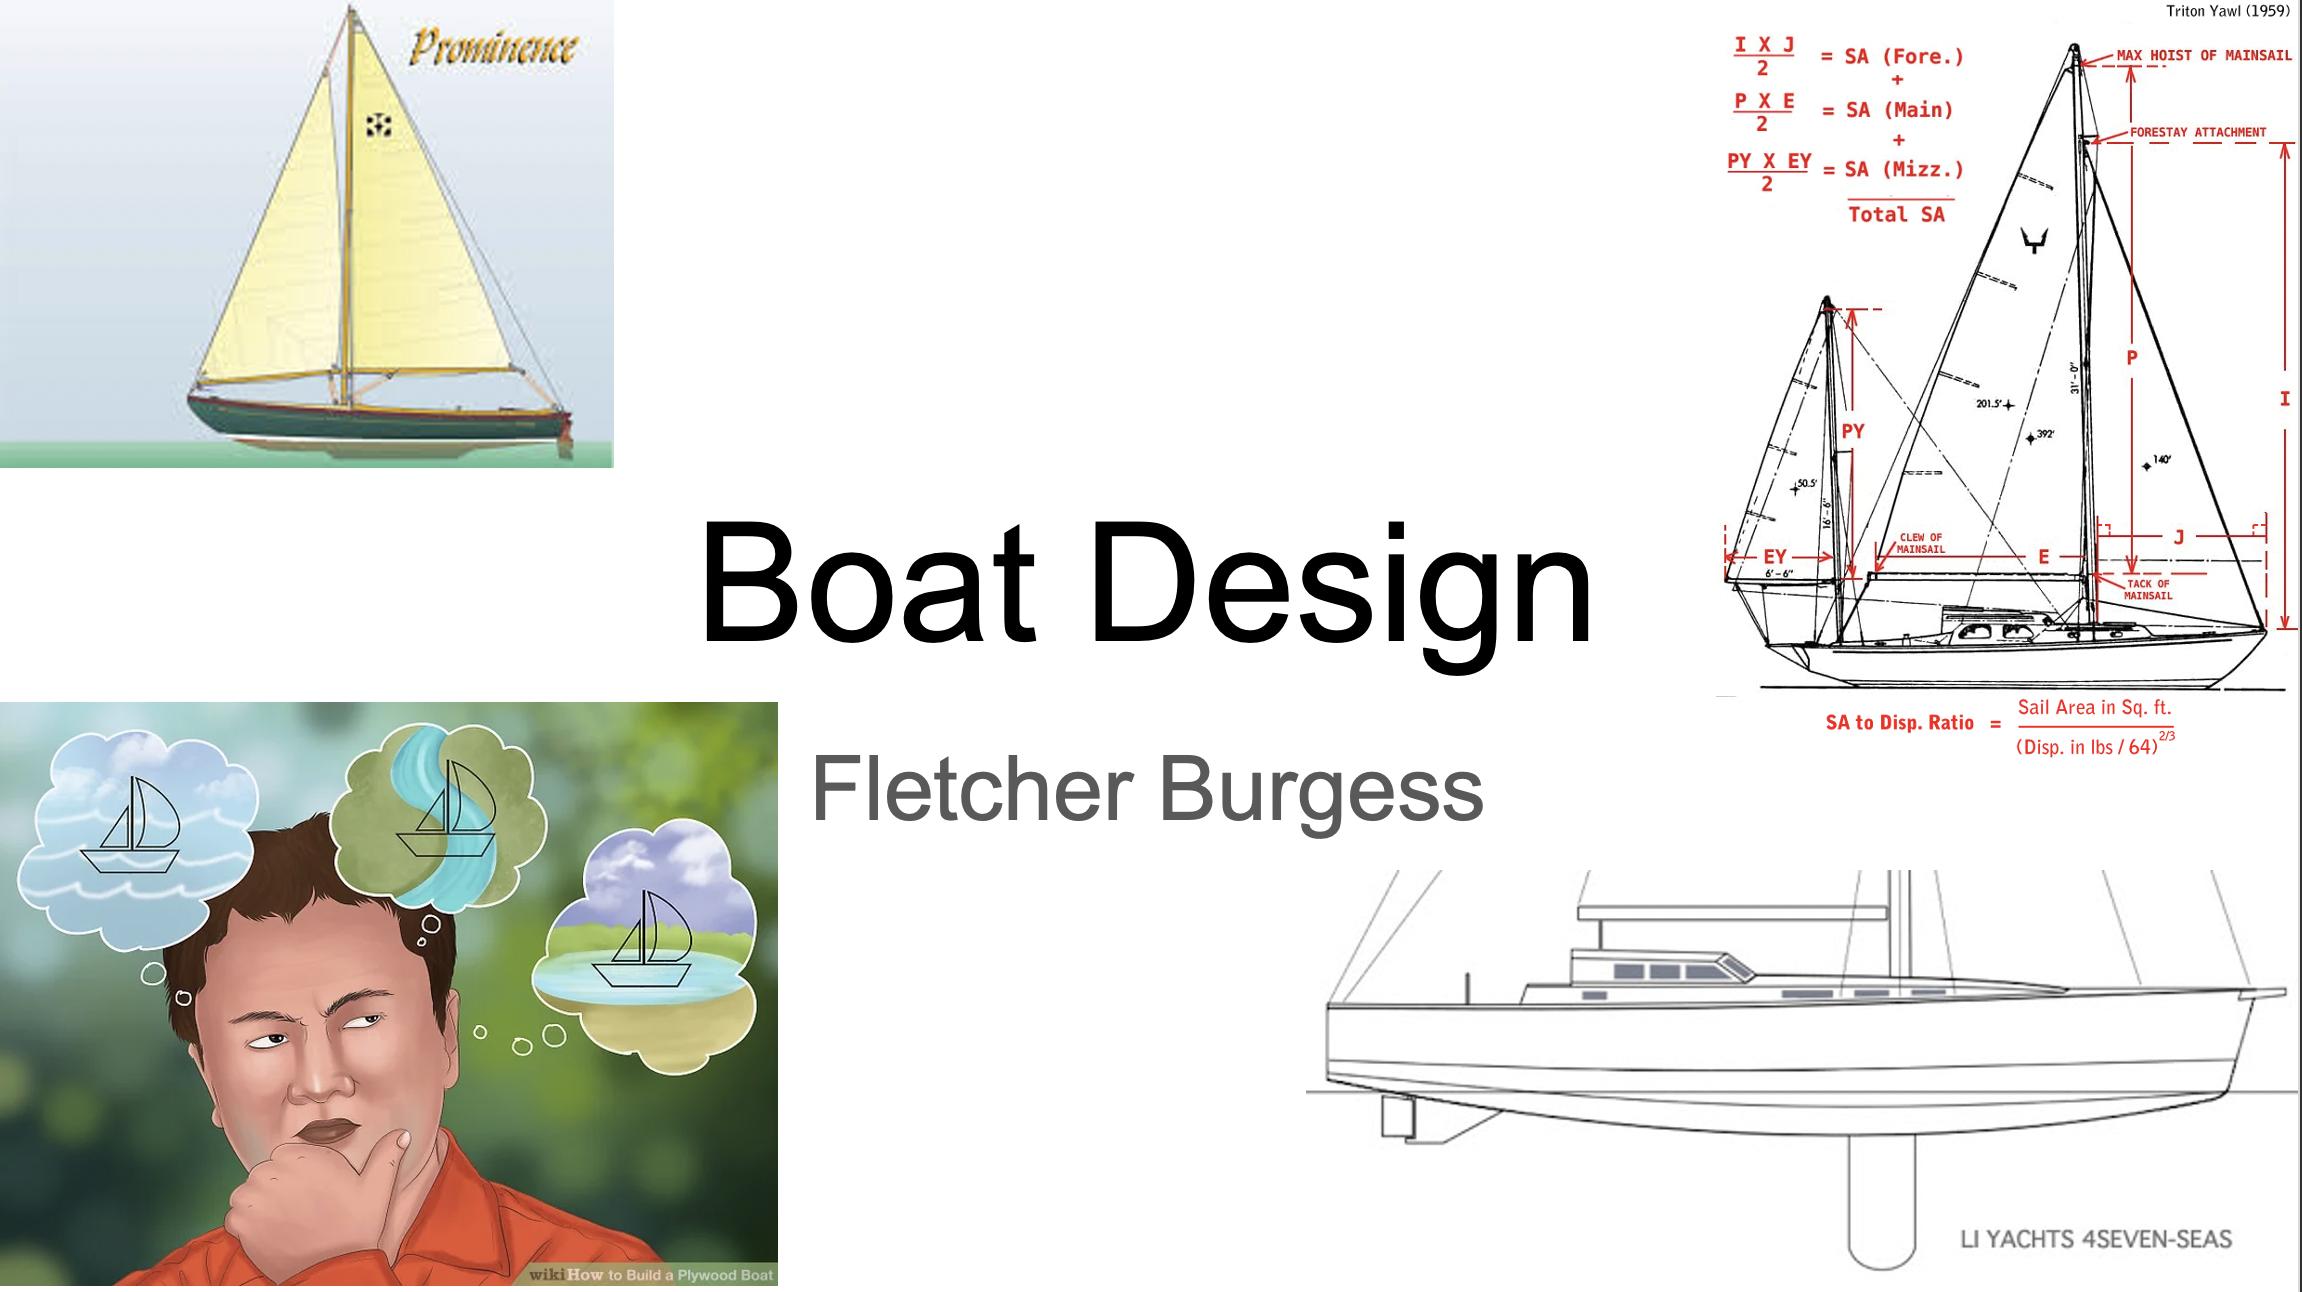 19/06/20 - Boat Design Poem